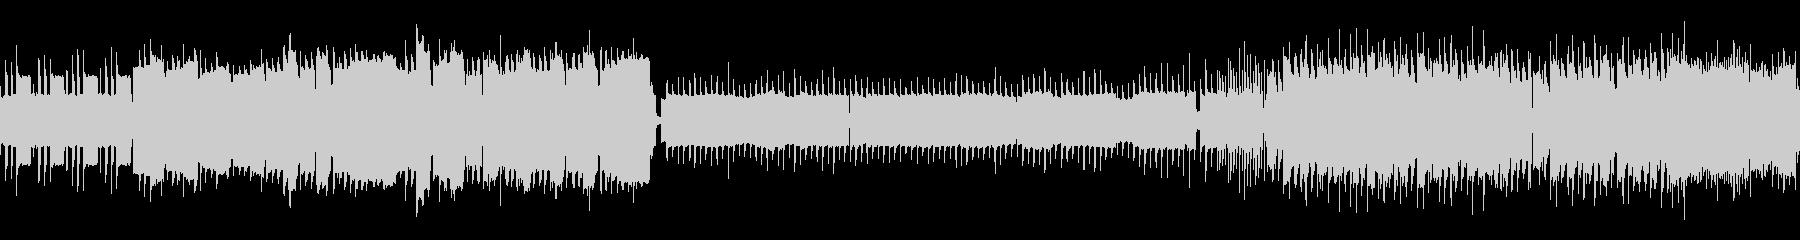 冒険のテーマ・フィールド曲 レトロ風の未再生の波形